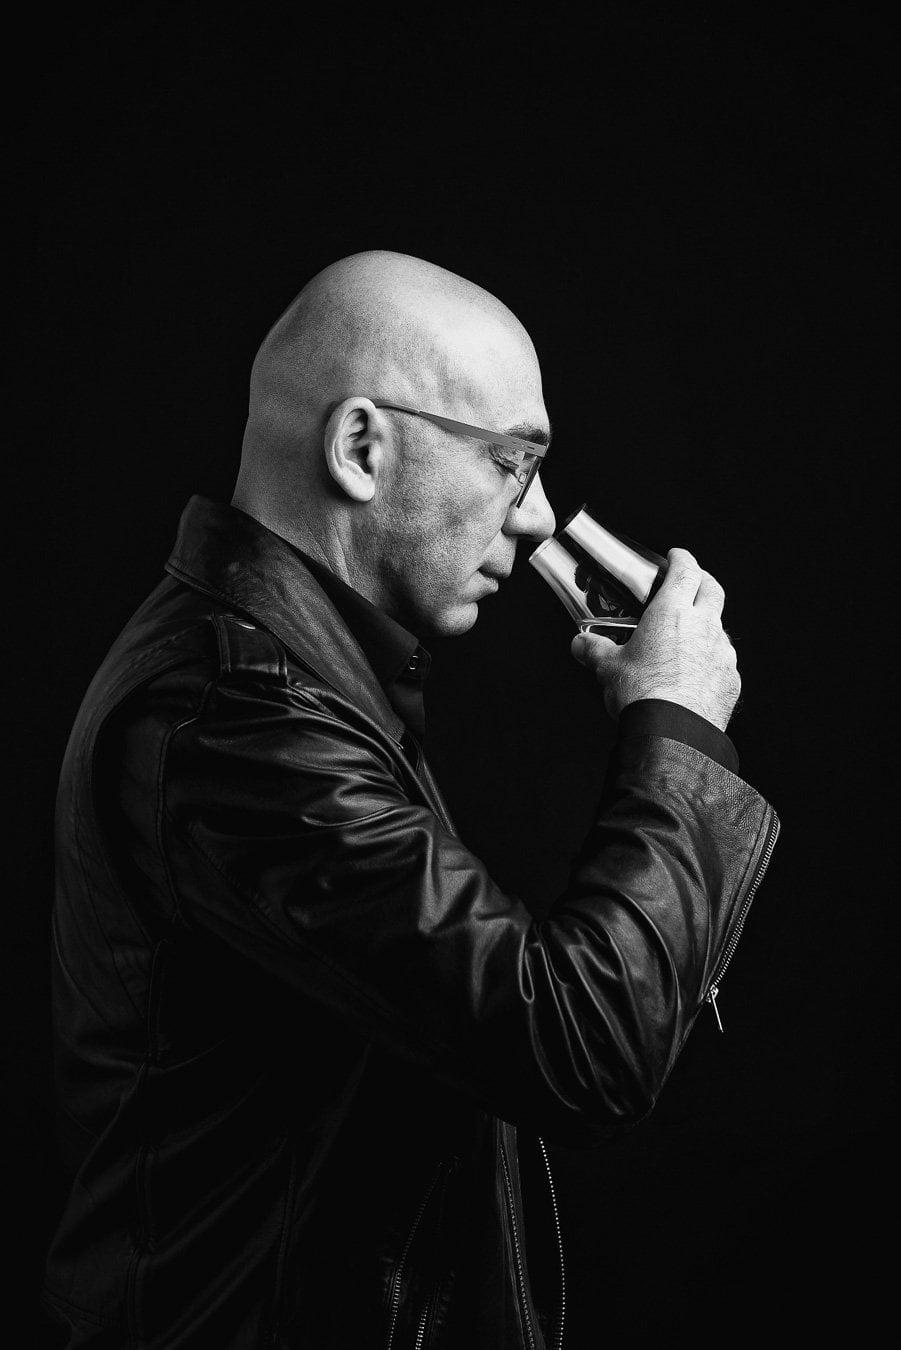 Profesyonel İş Portre Fotoğraf Çekimi Oğul Türkkan 243 SB 2